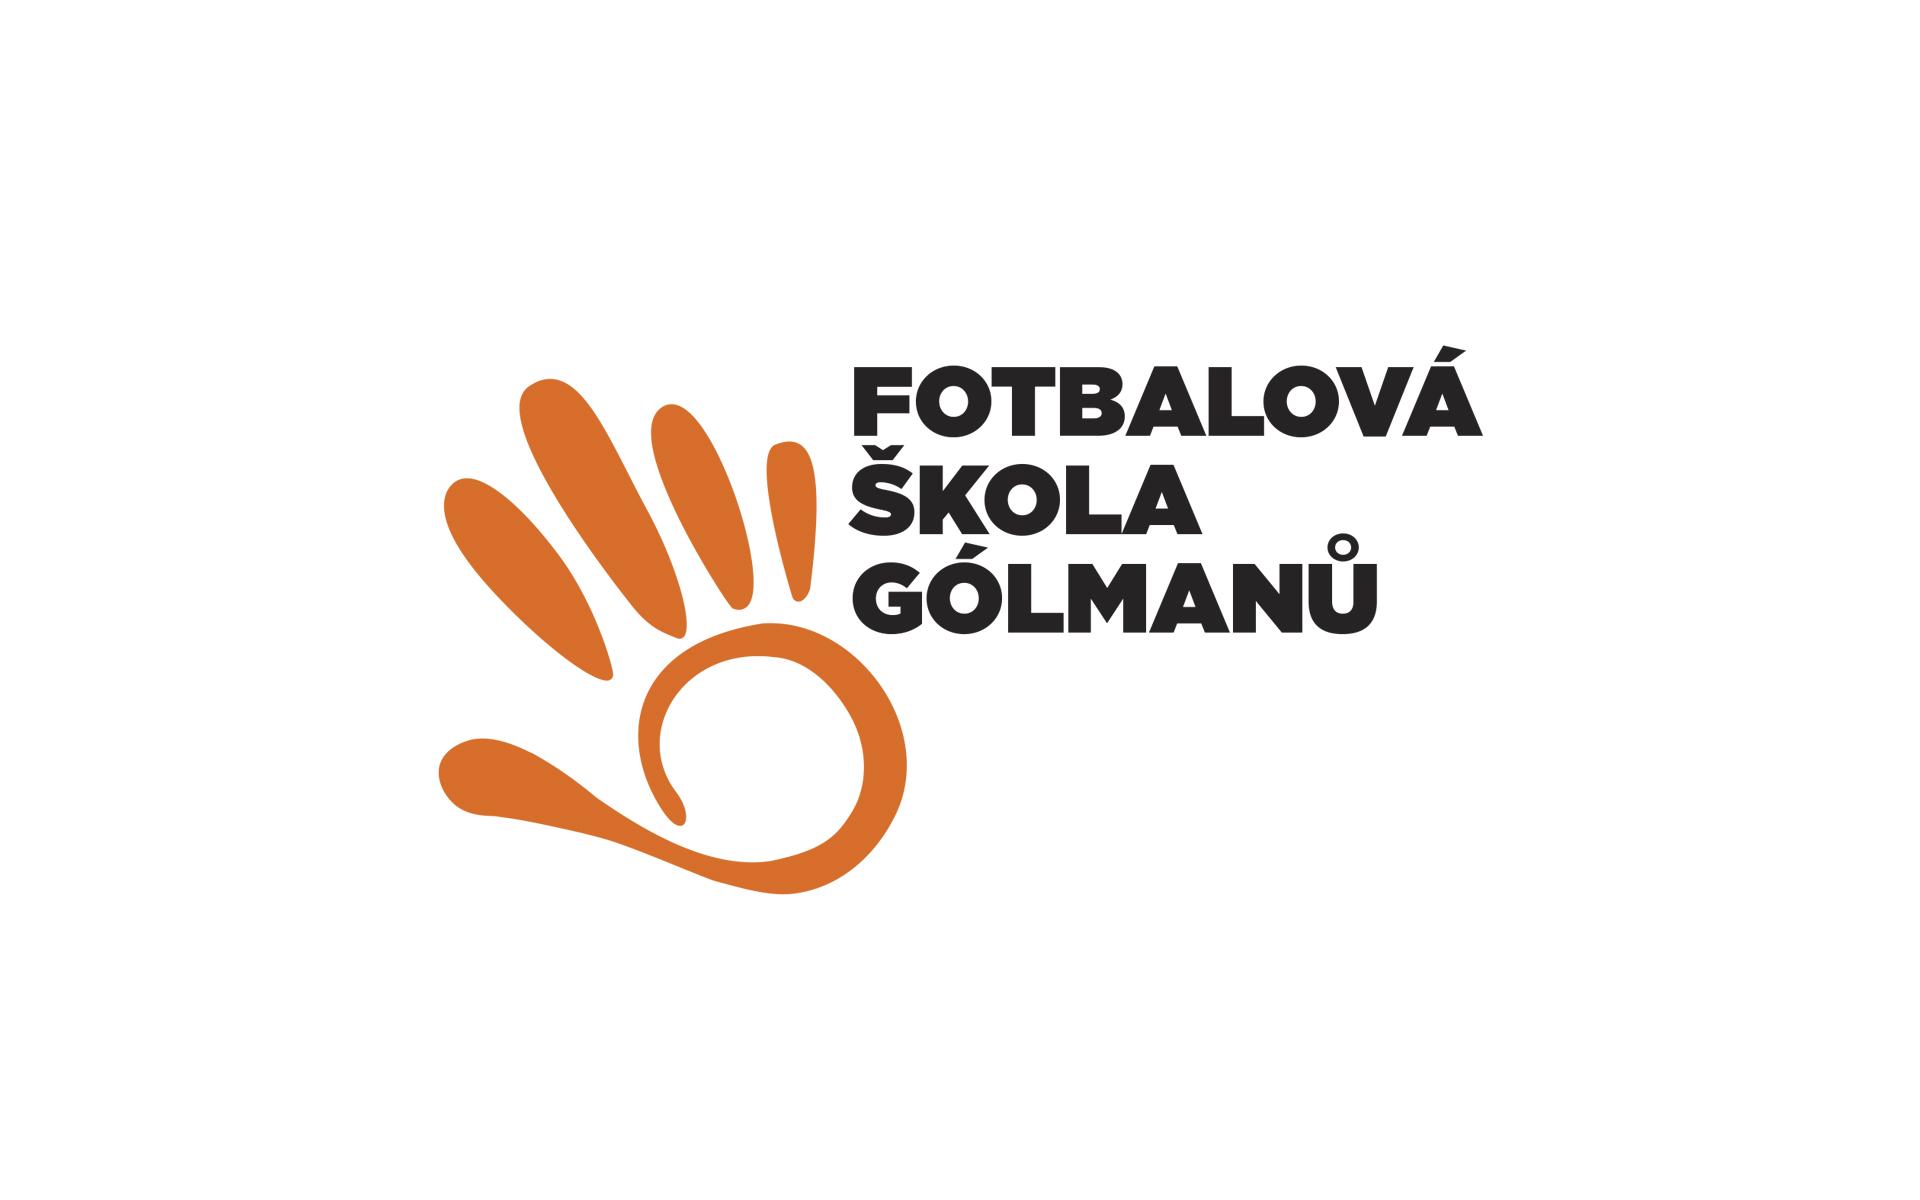 Fotbalova_skola